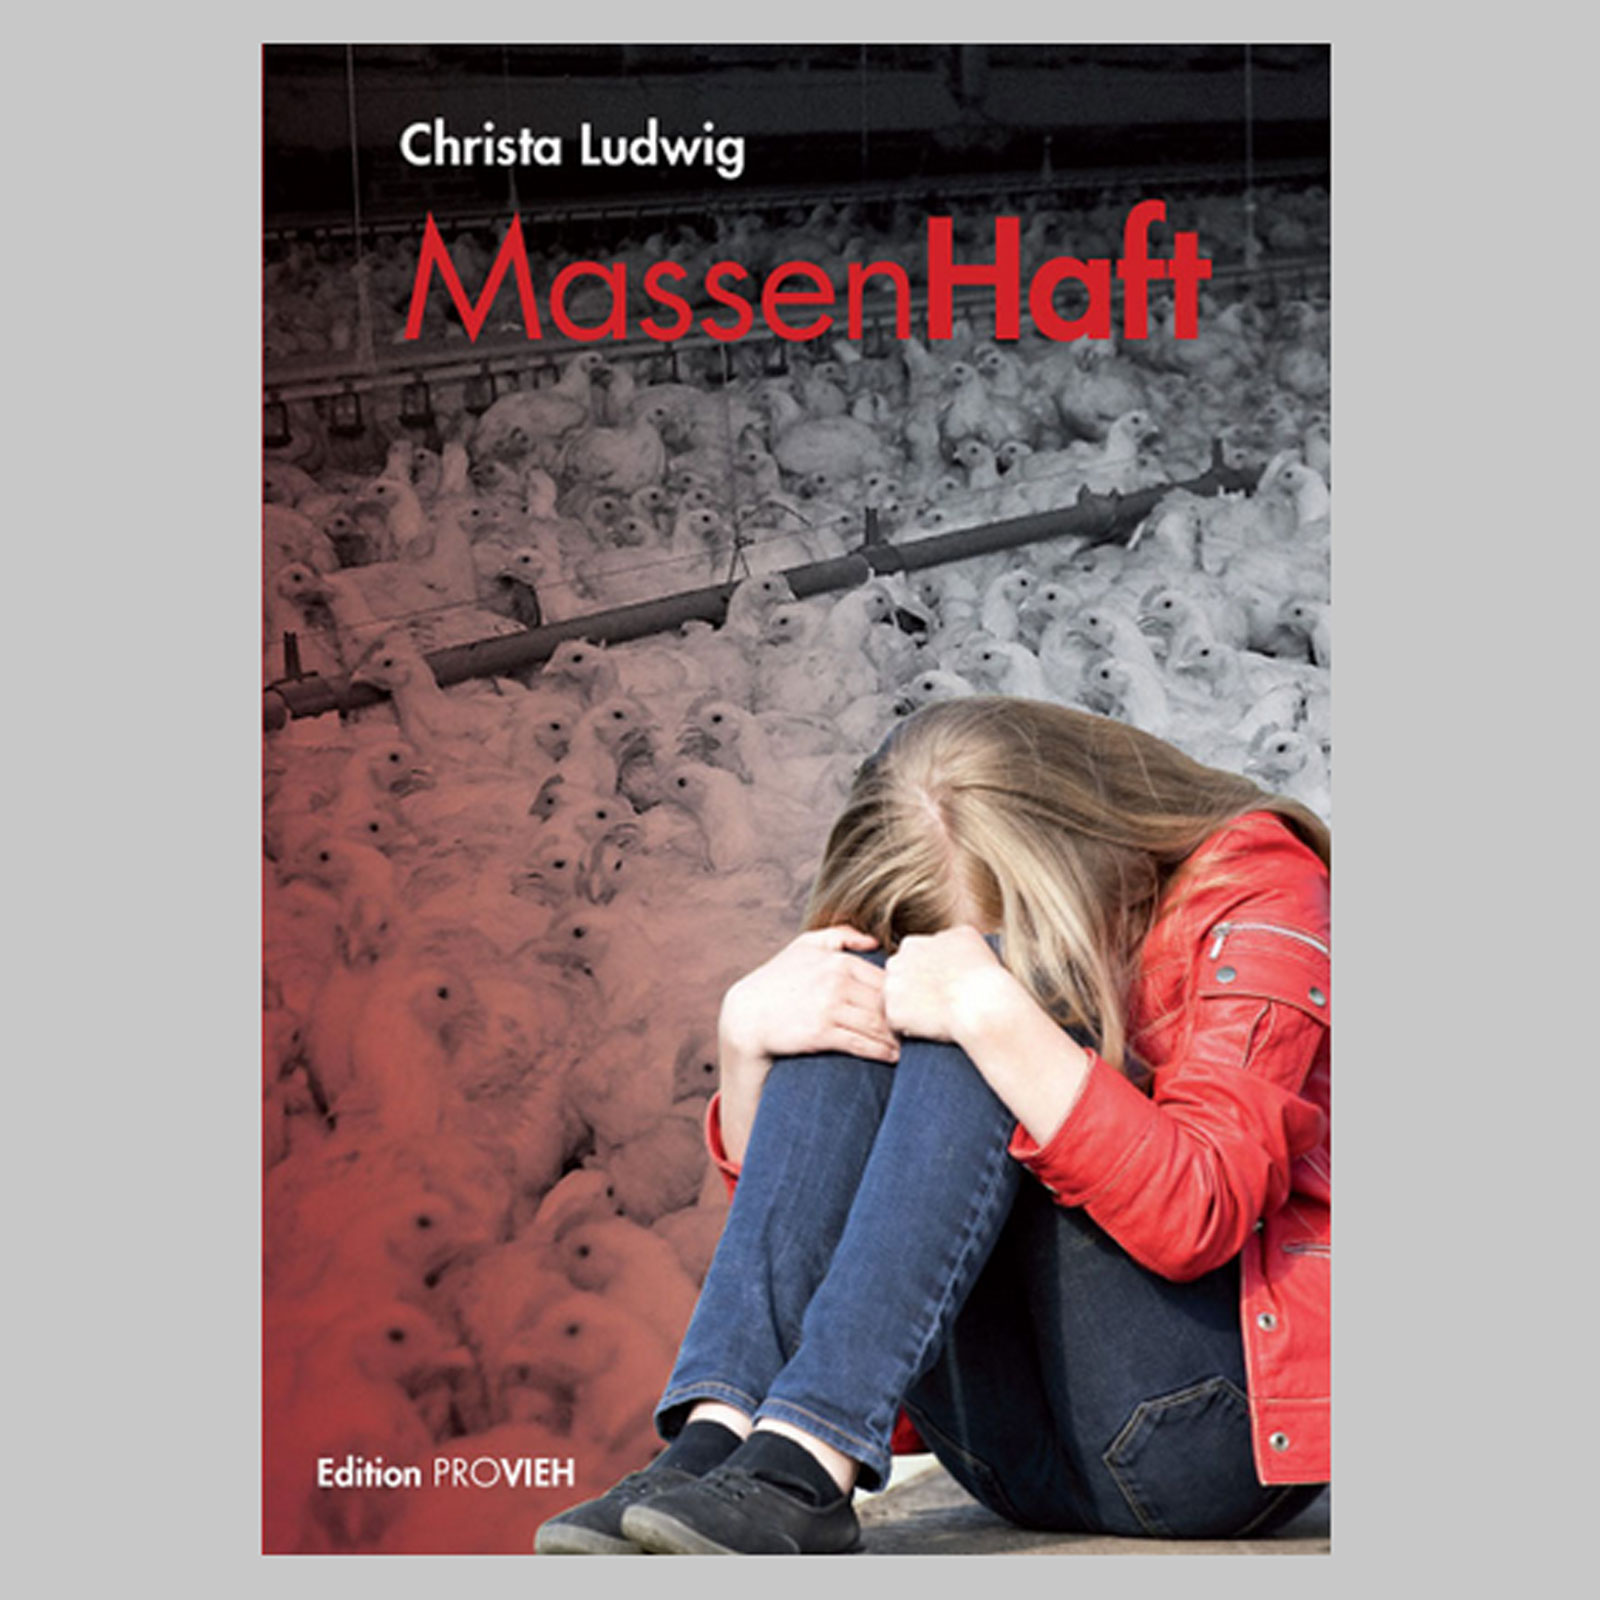 Massenhaft von Christa Ludwig Buchcover